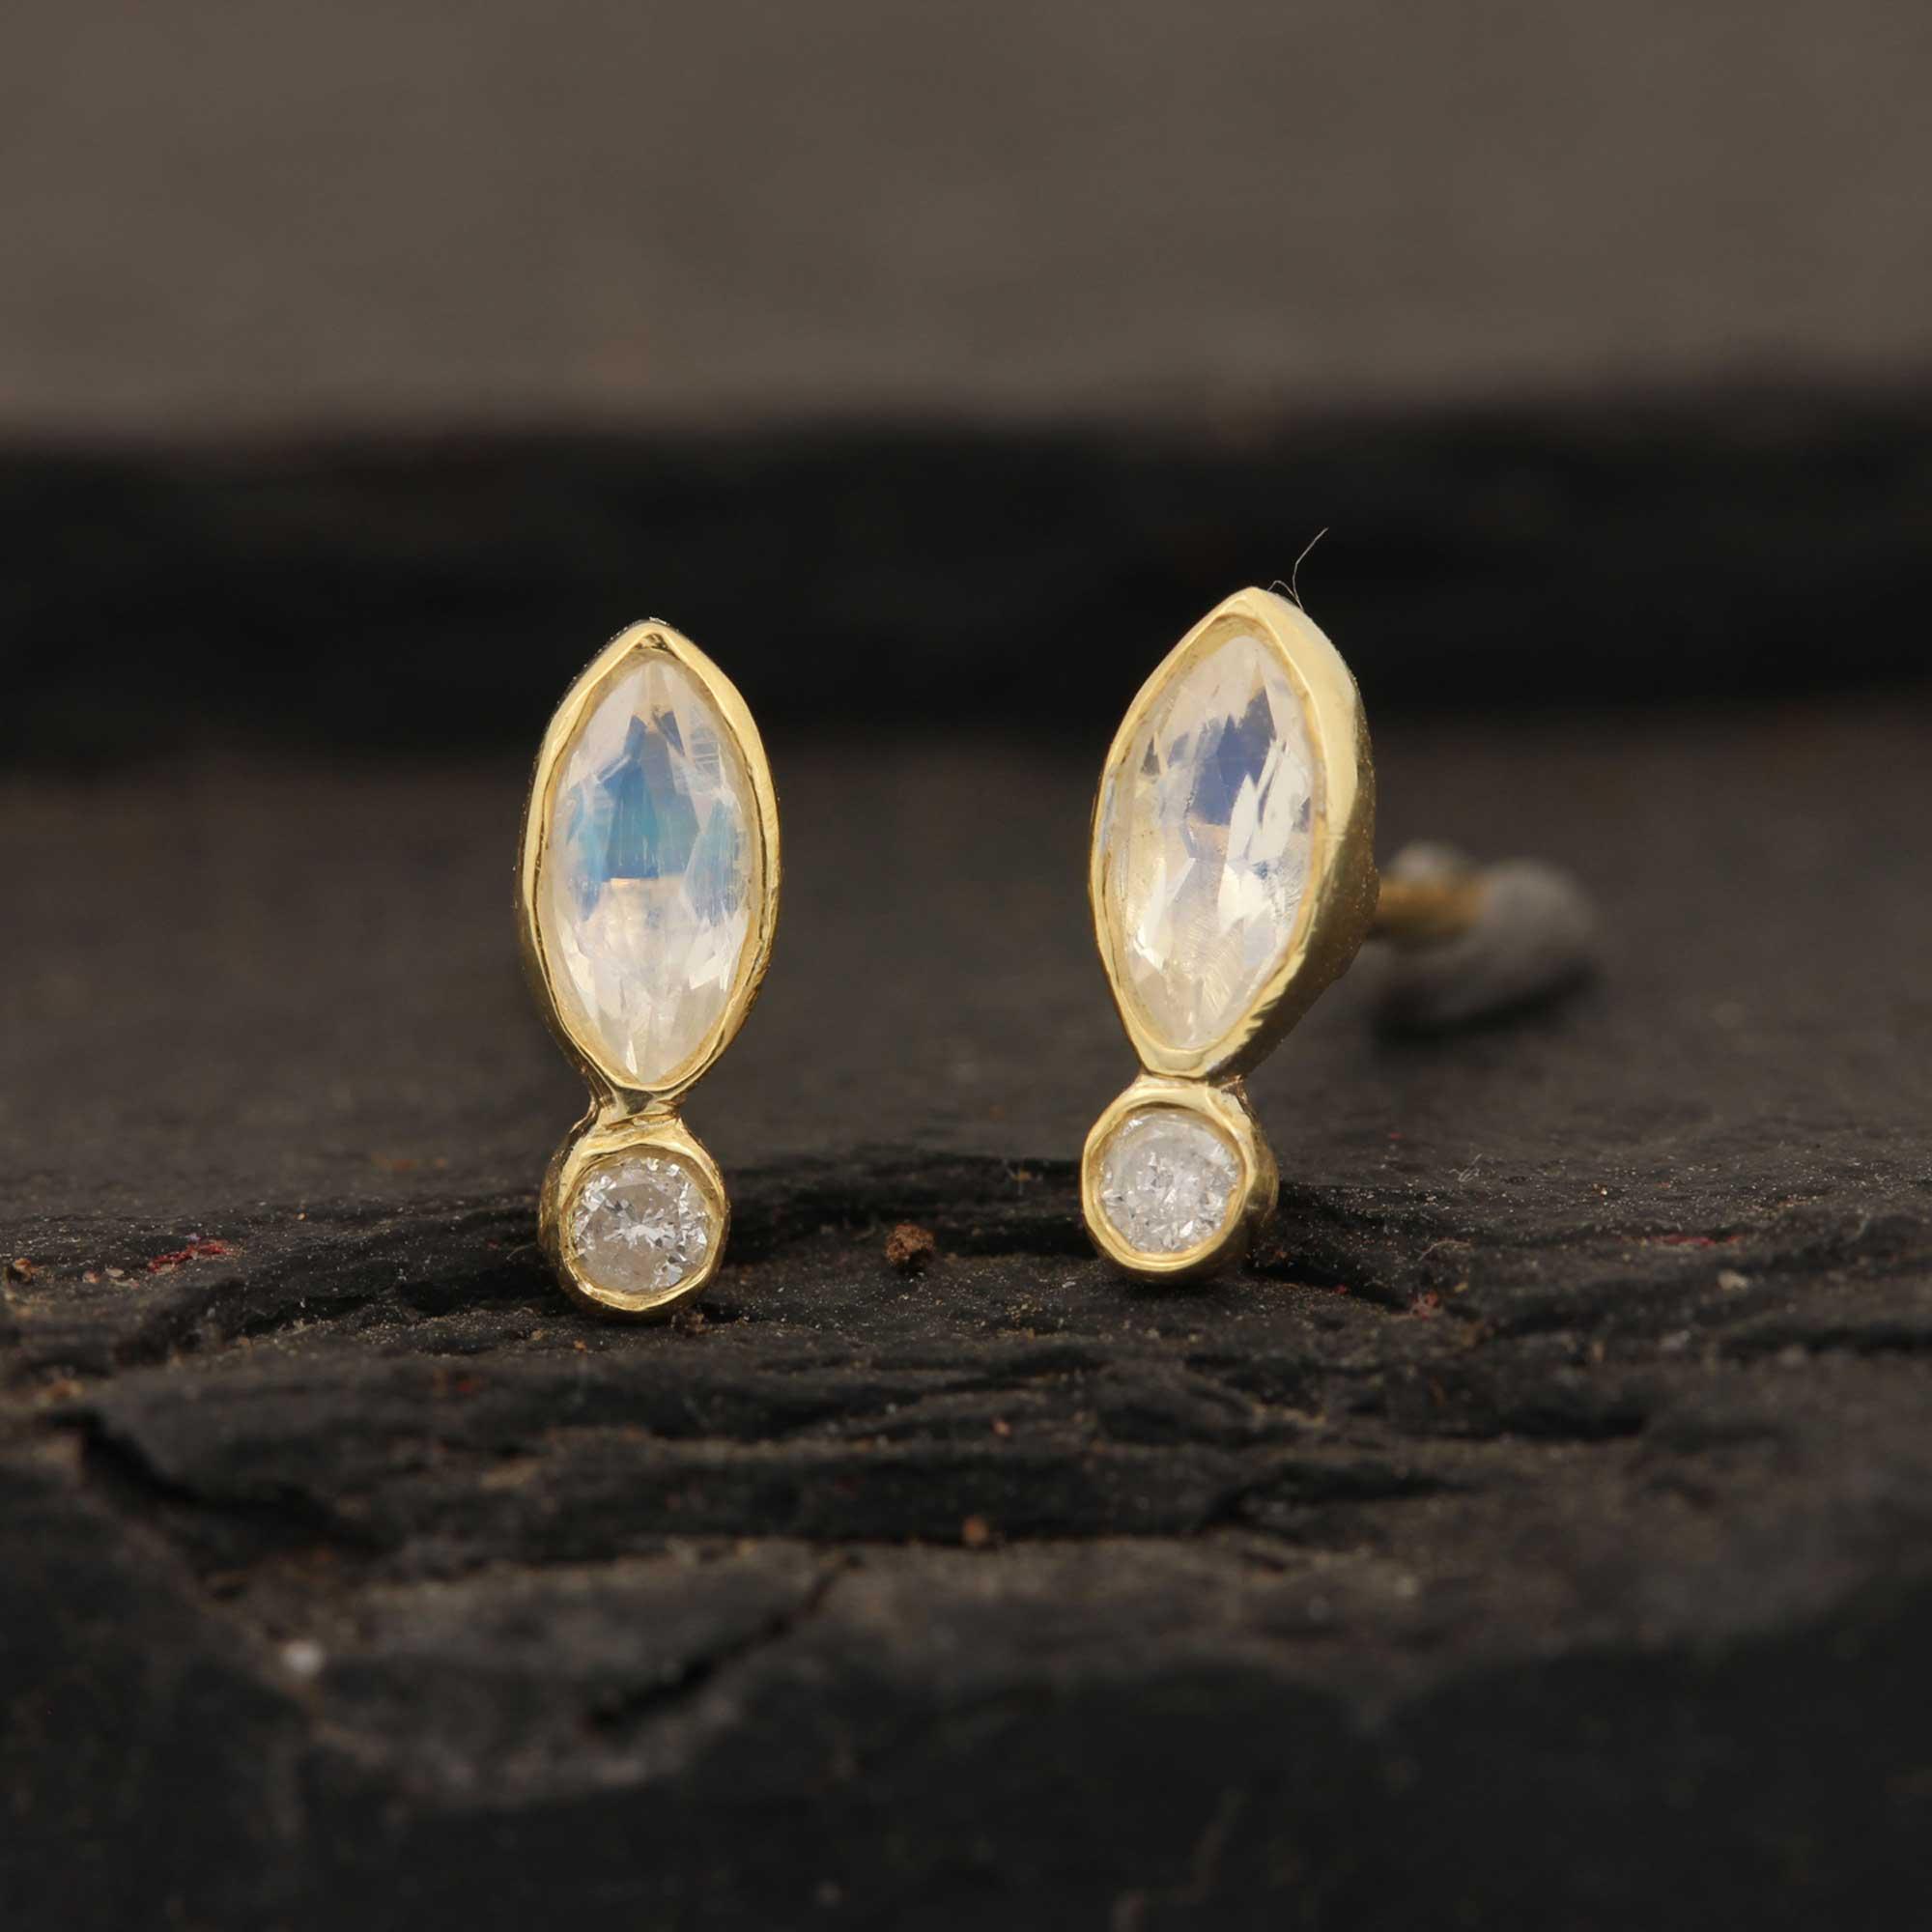 14k Solid Gold Diamond Rainbow Moonstone Stud Earrings